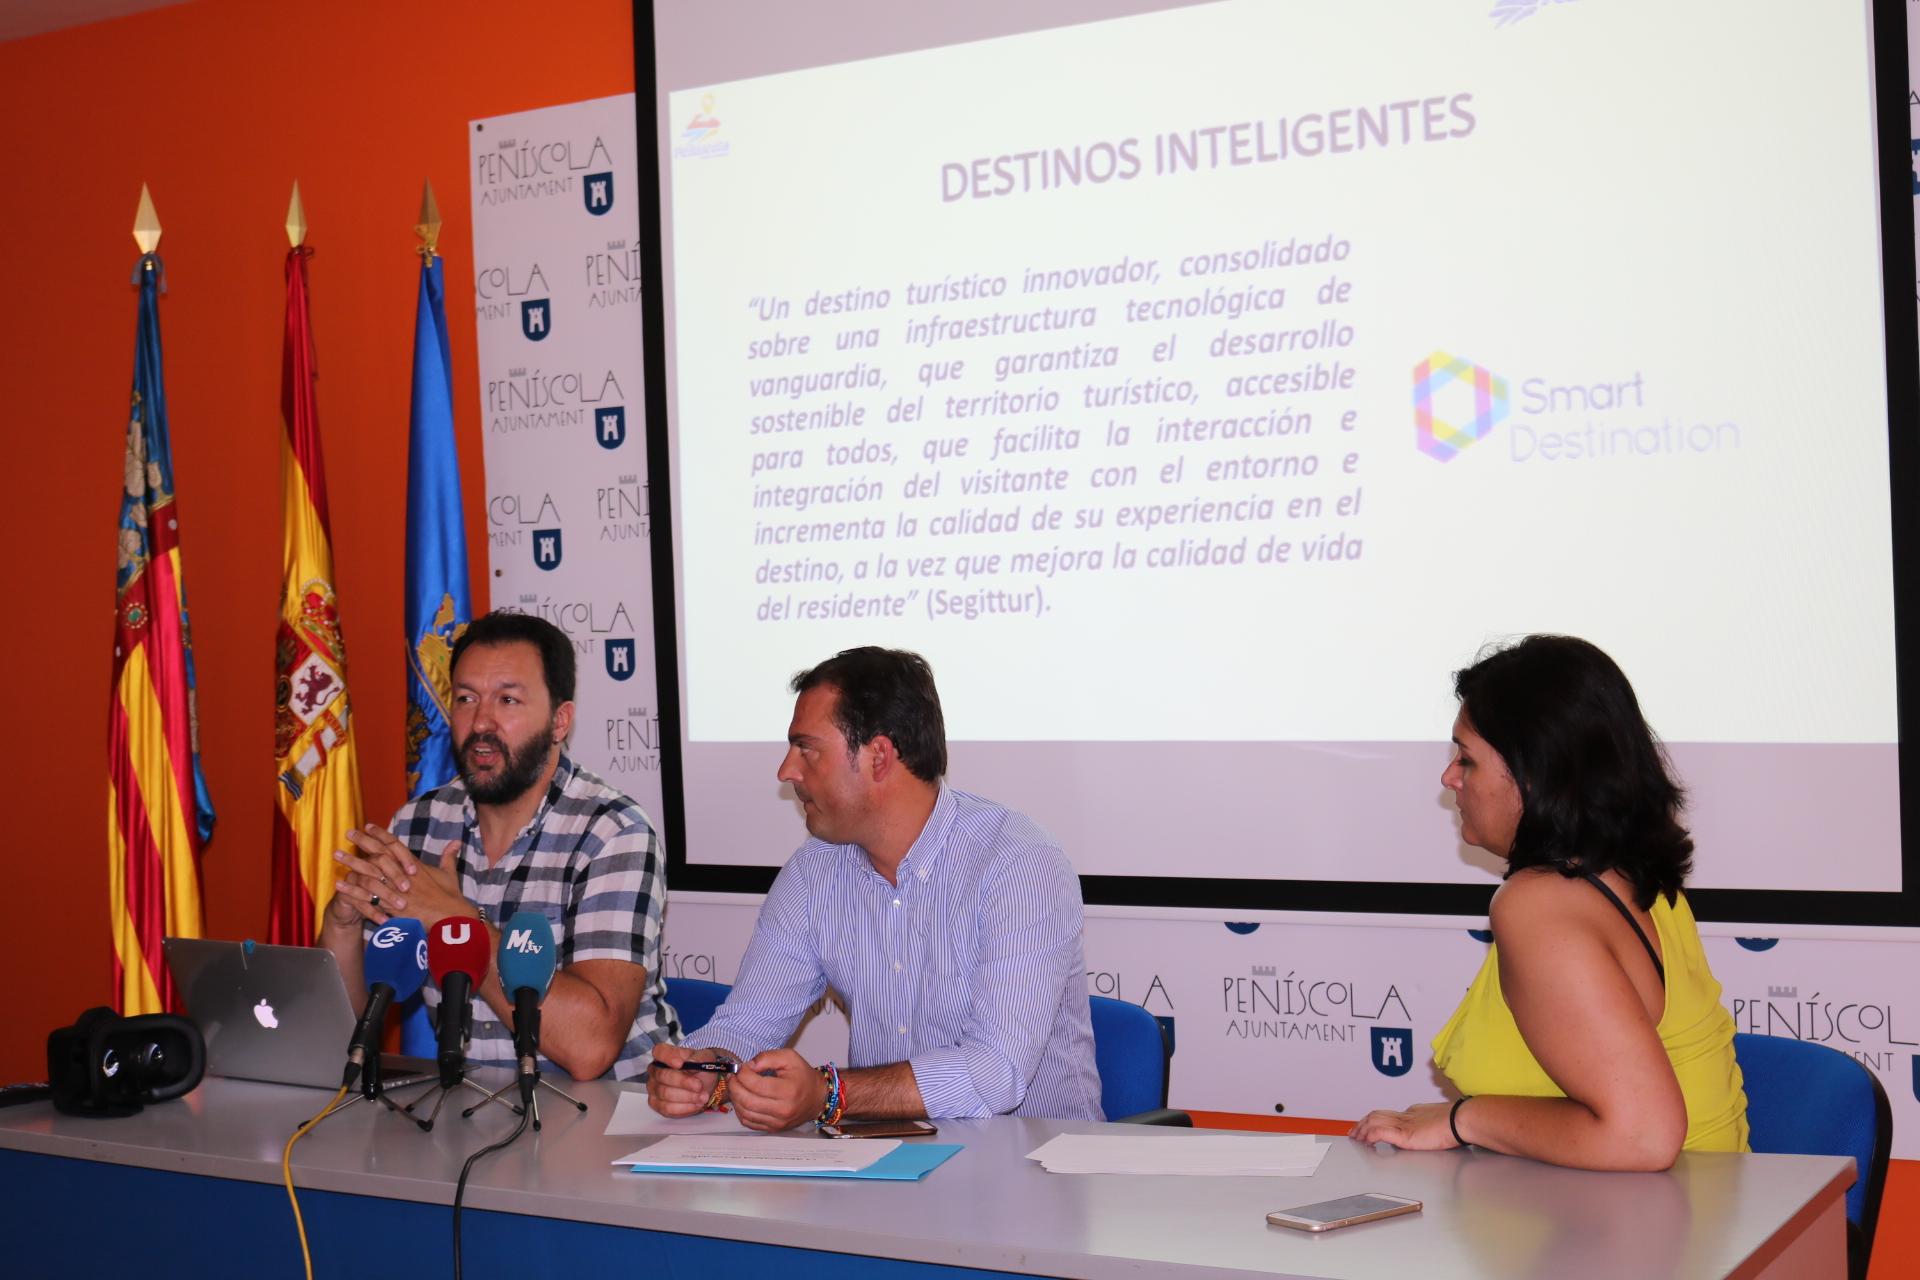 Peníscola presenta els nous mapes turístics interactius